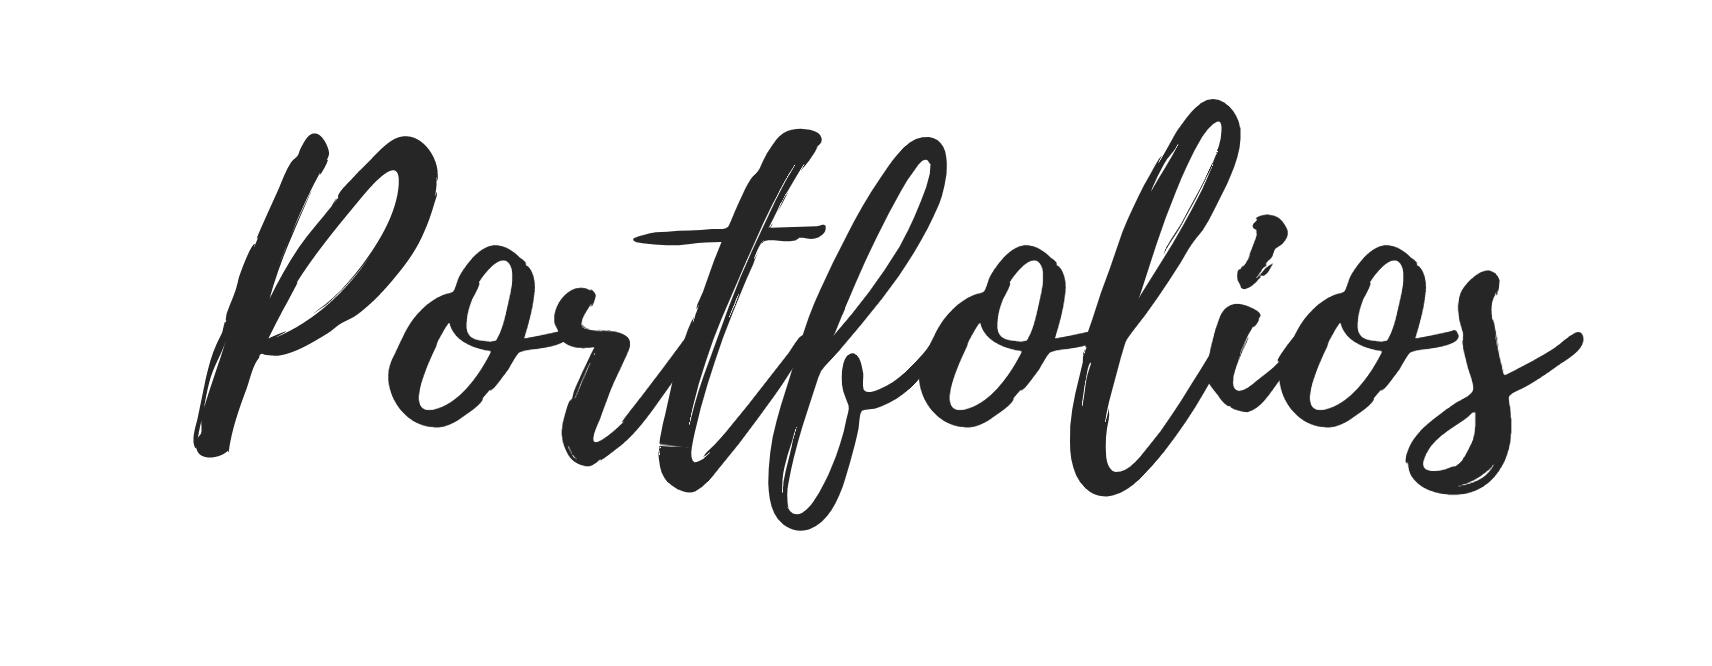 portfolios.png